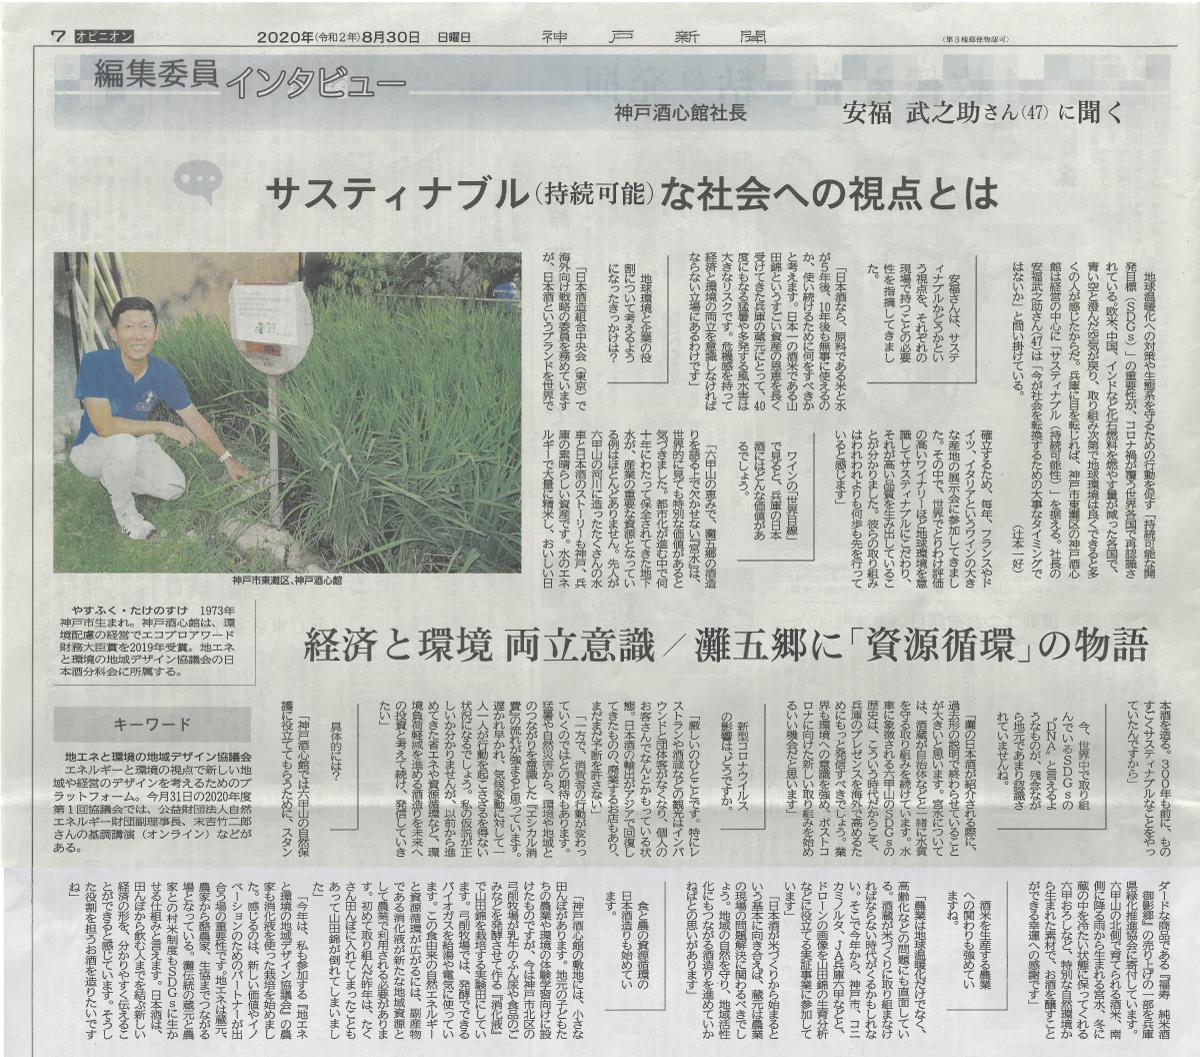 神戸新聞に弊社の取り組みをご紹介いただきました